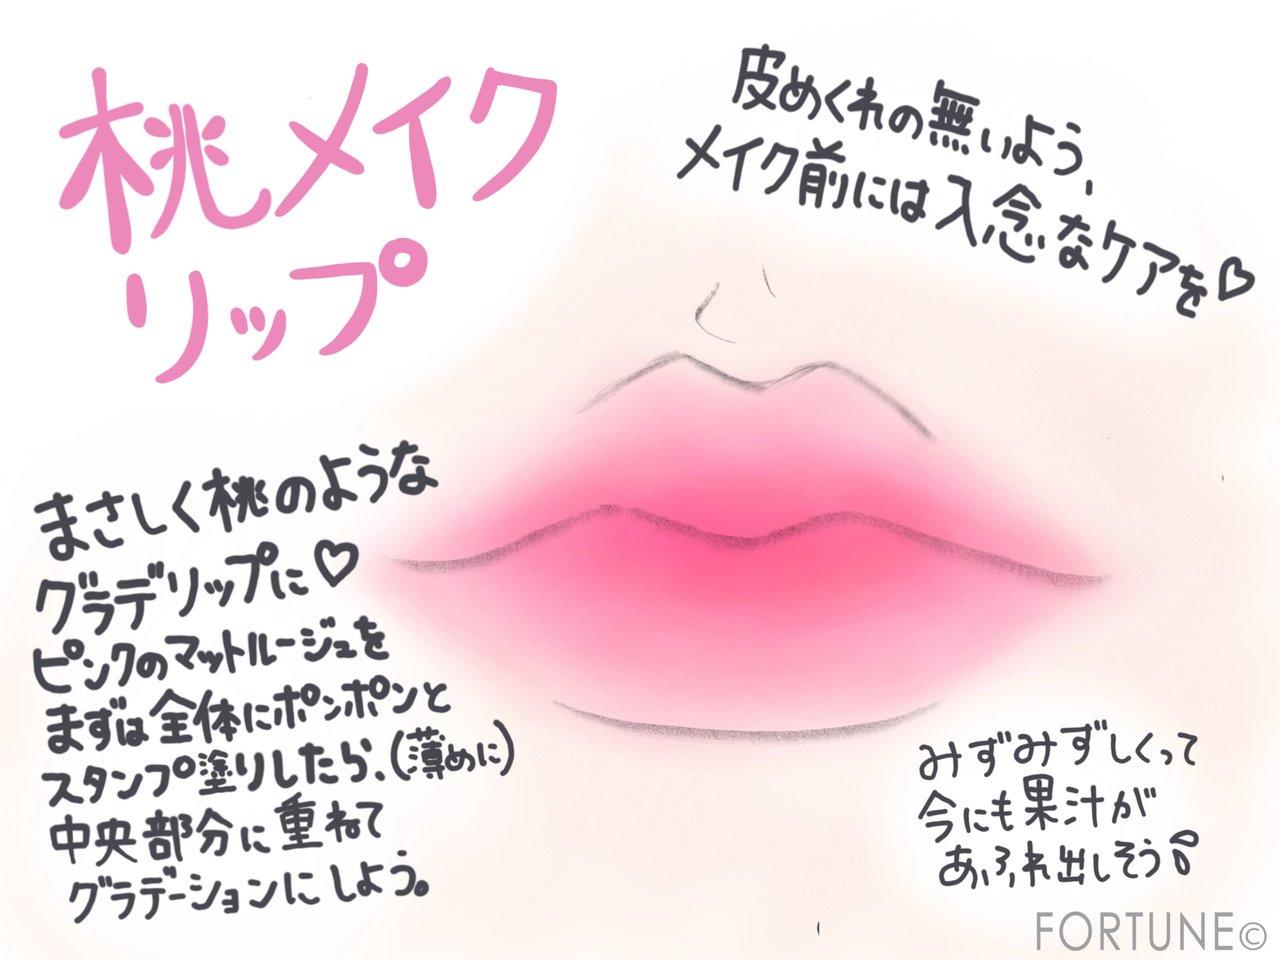 2018 トレンドメイク ピンク 桃メイク ウサギメイク モテ